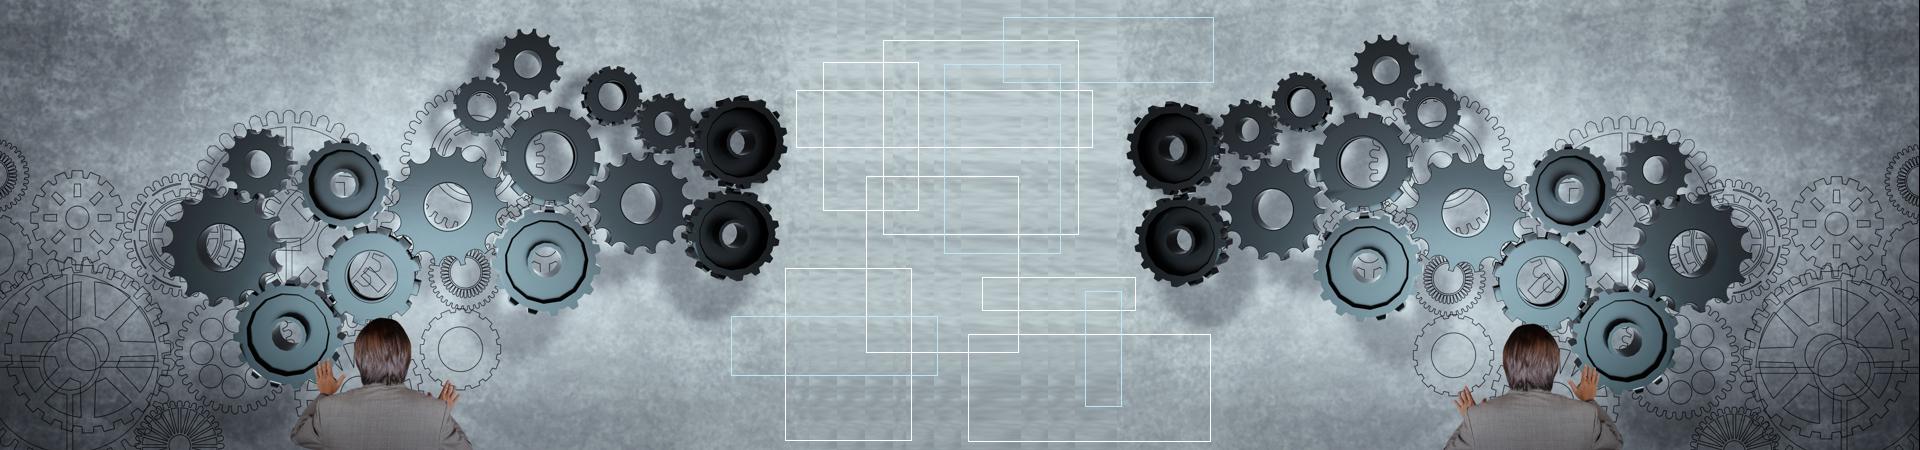 Banner Maschinenbau 1920x450px | SEGNO